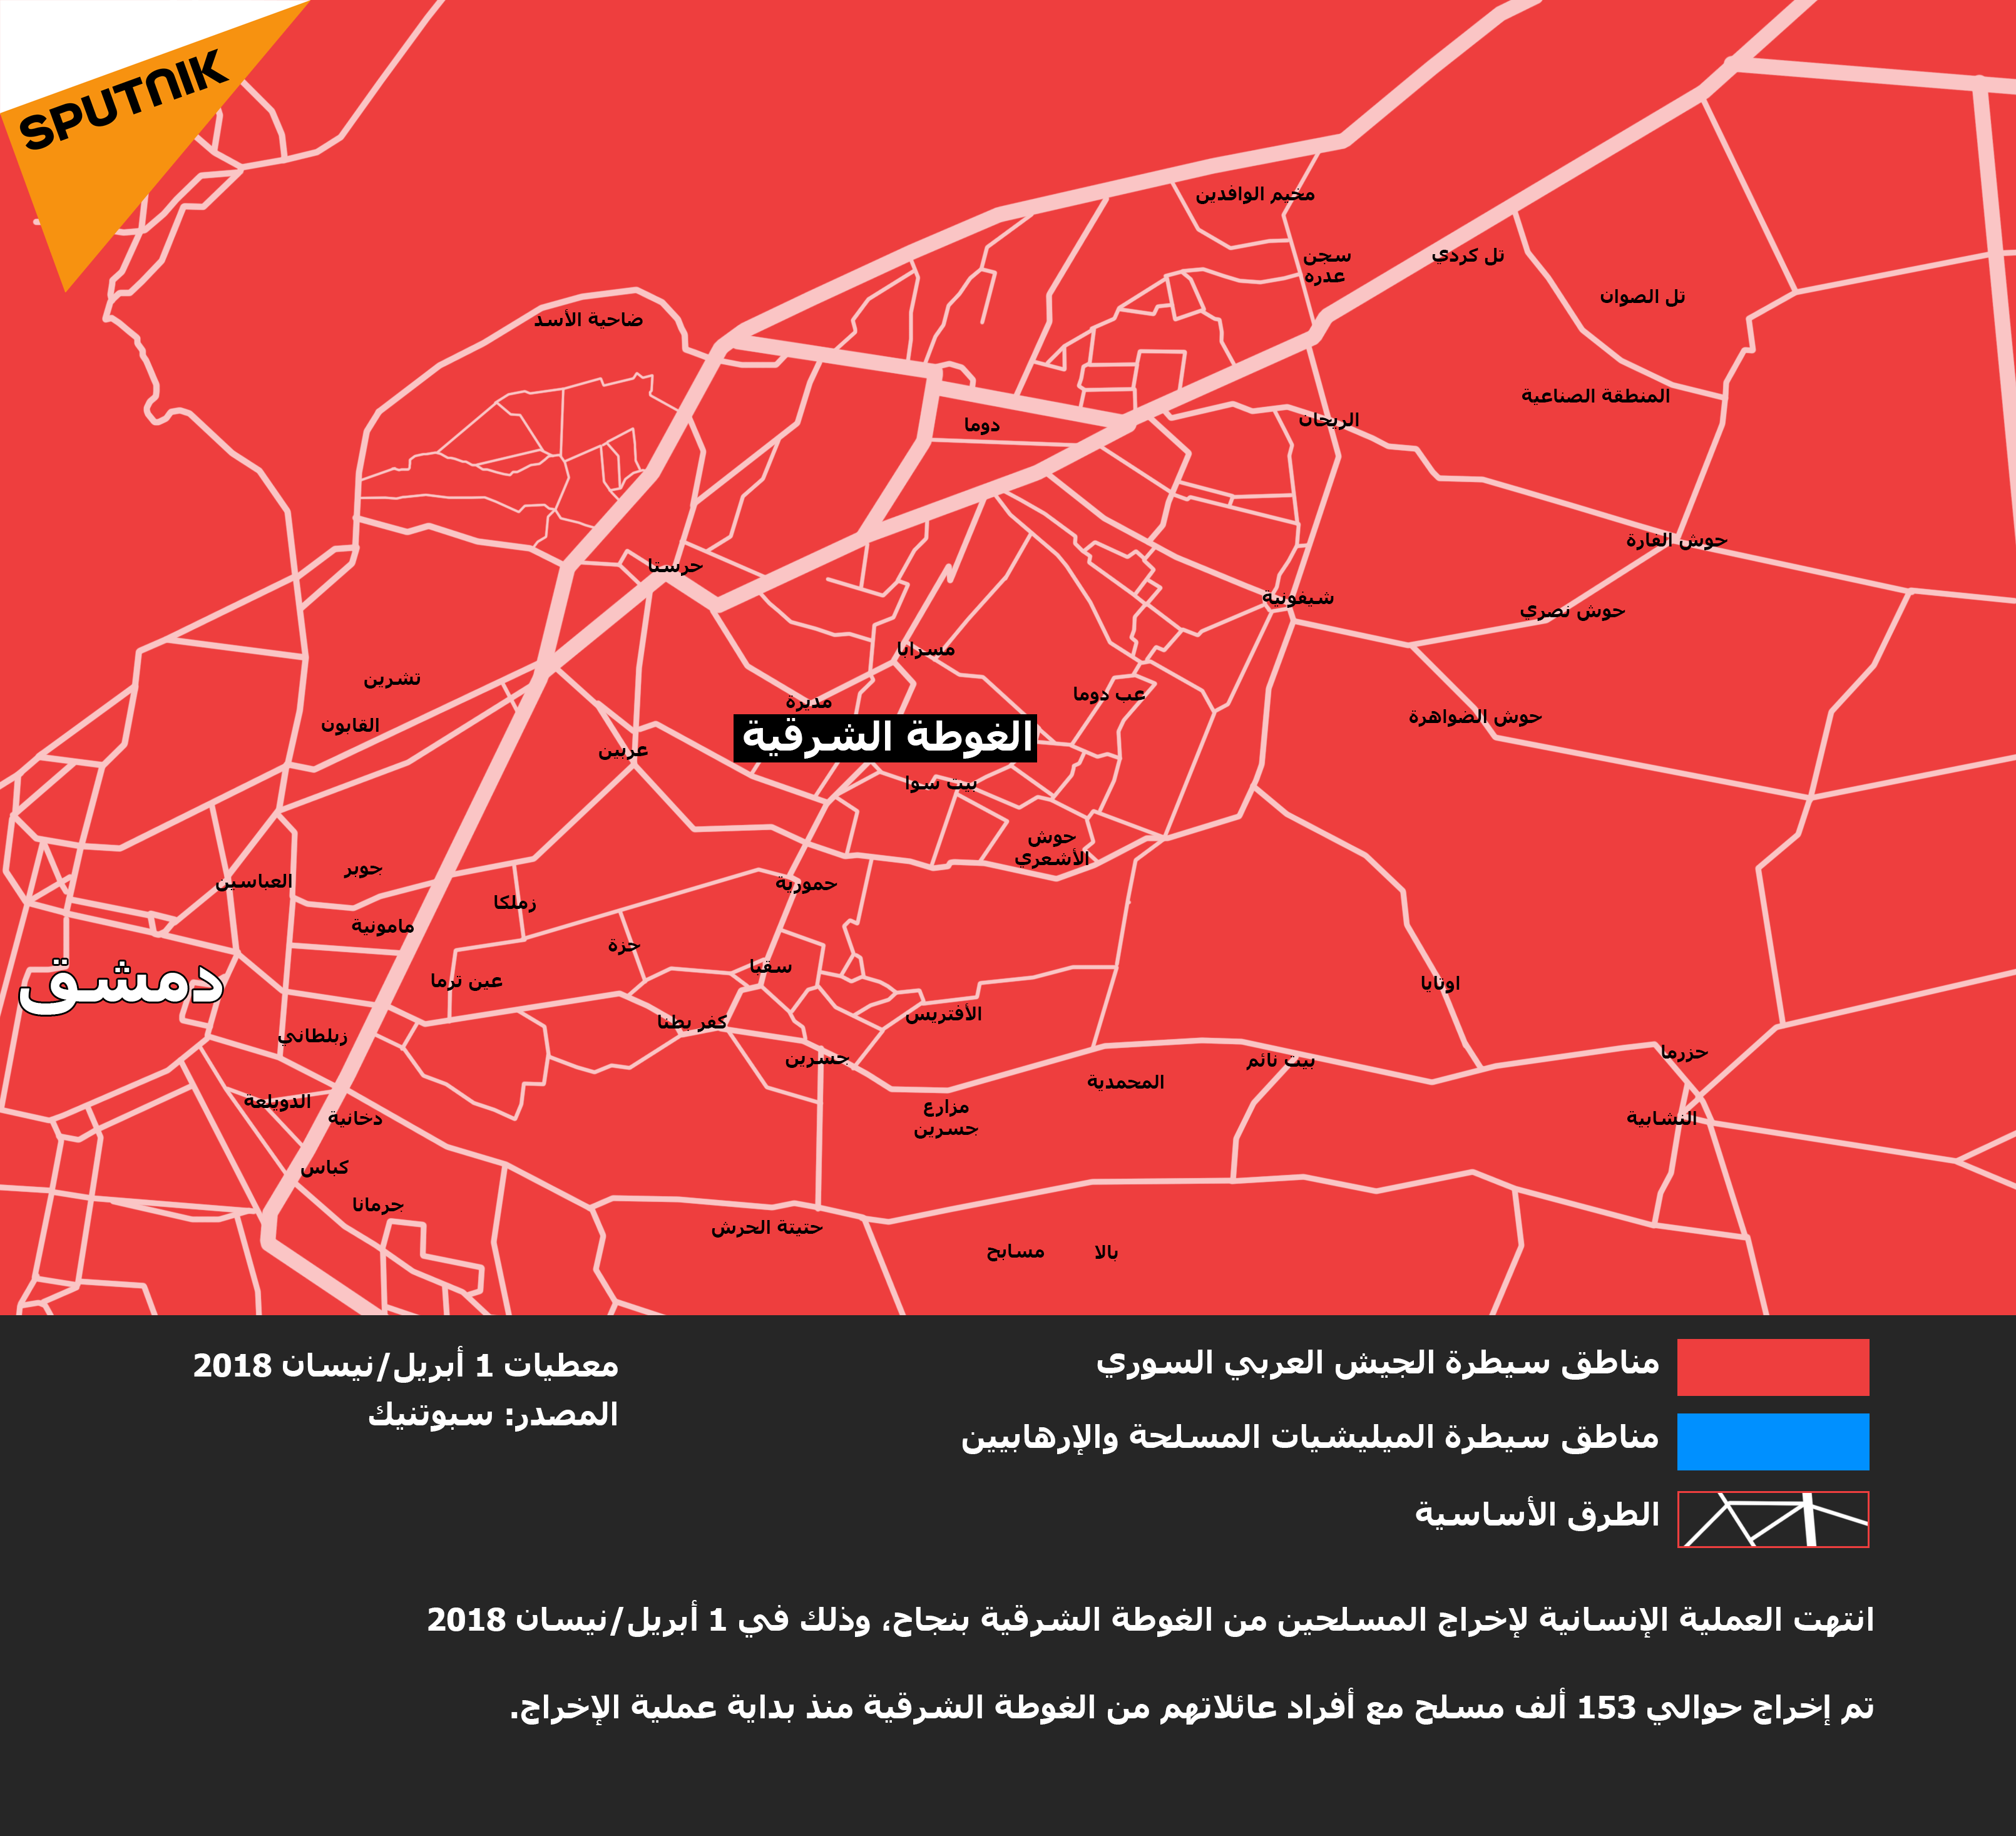 خارطة الغوطة الشرقية في دمشق